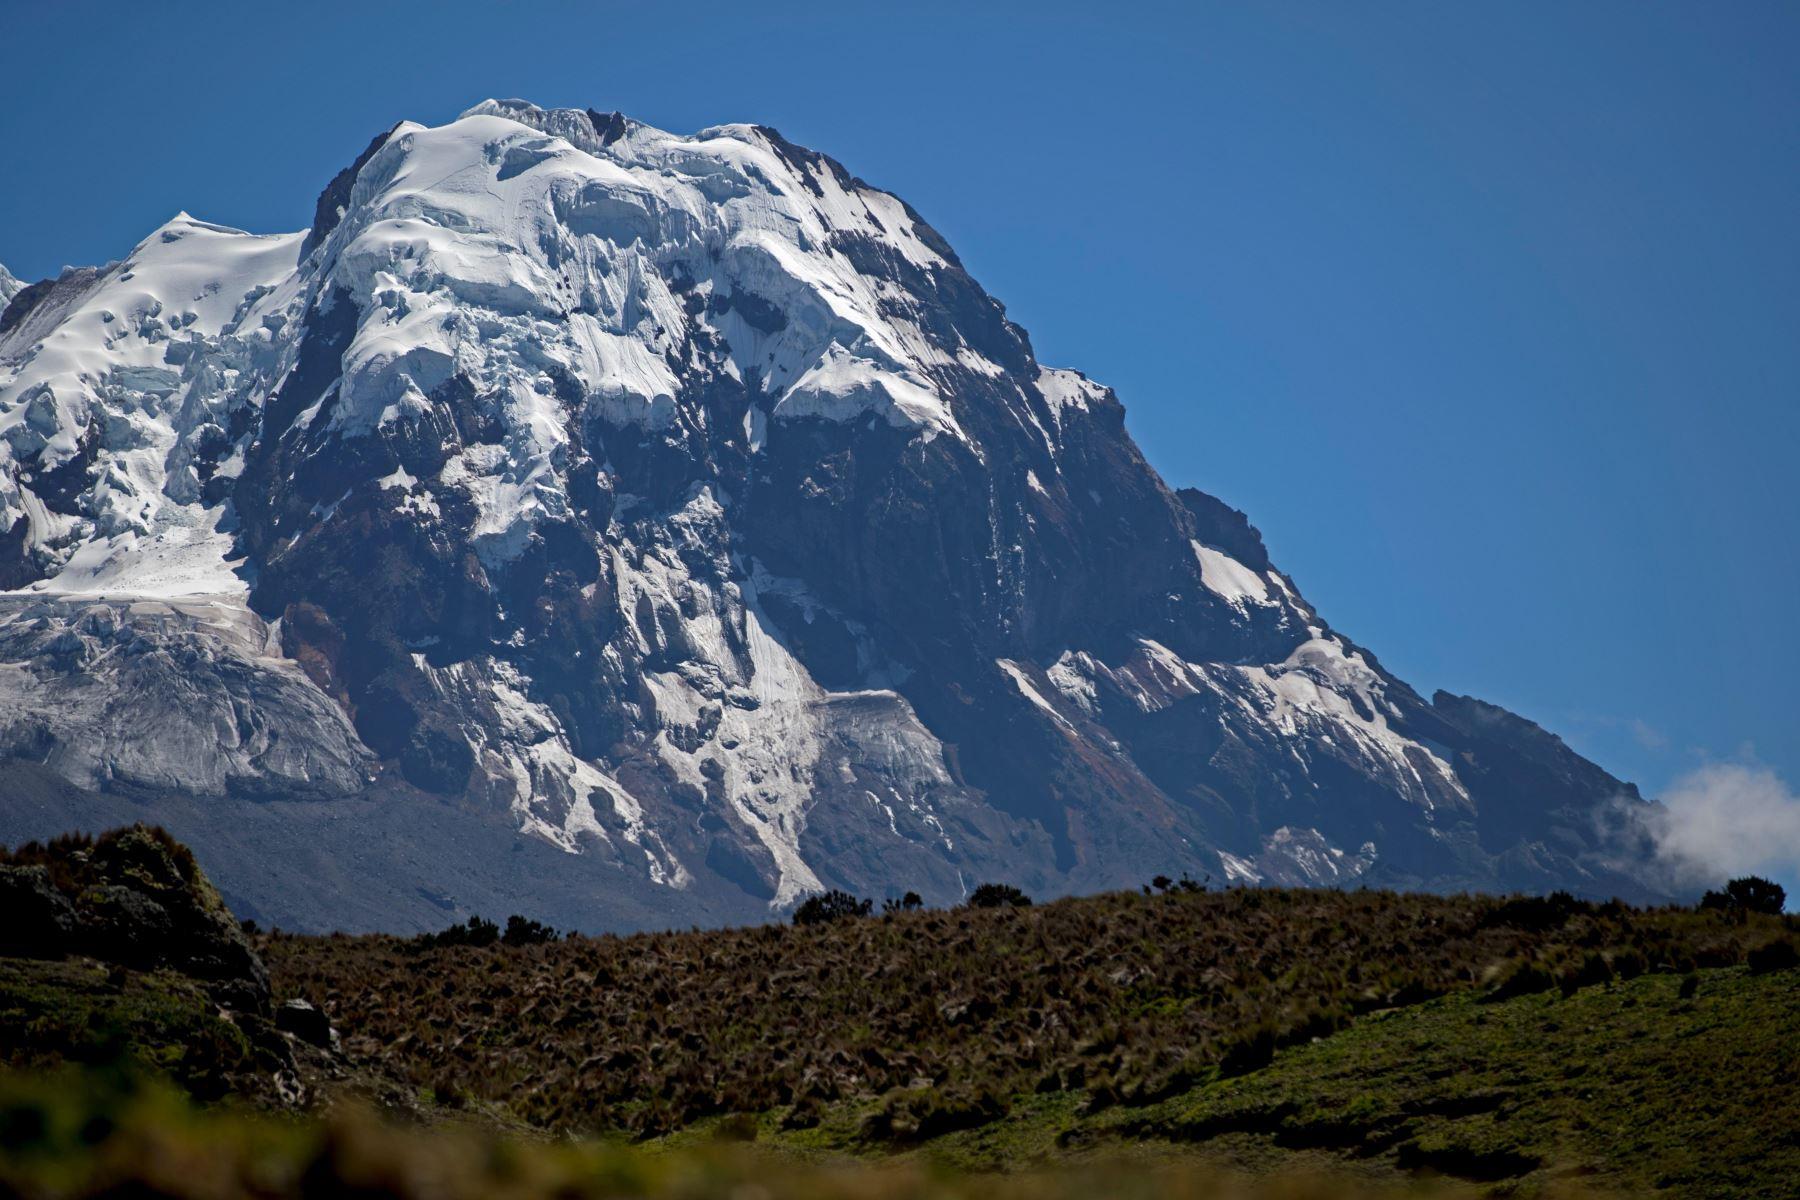 El volcán Antizana, en Ecuador, fue uno de los nevados que exploraron Humboldt y Bonpland. Foto: Agencia Andina.